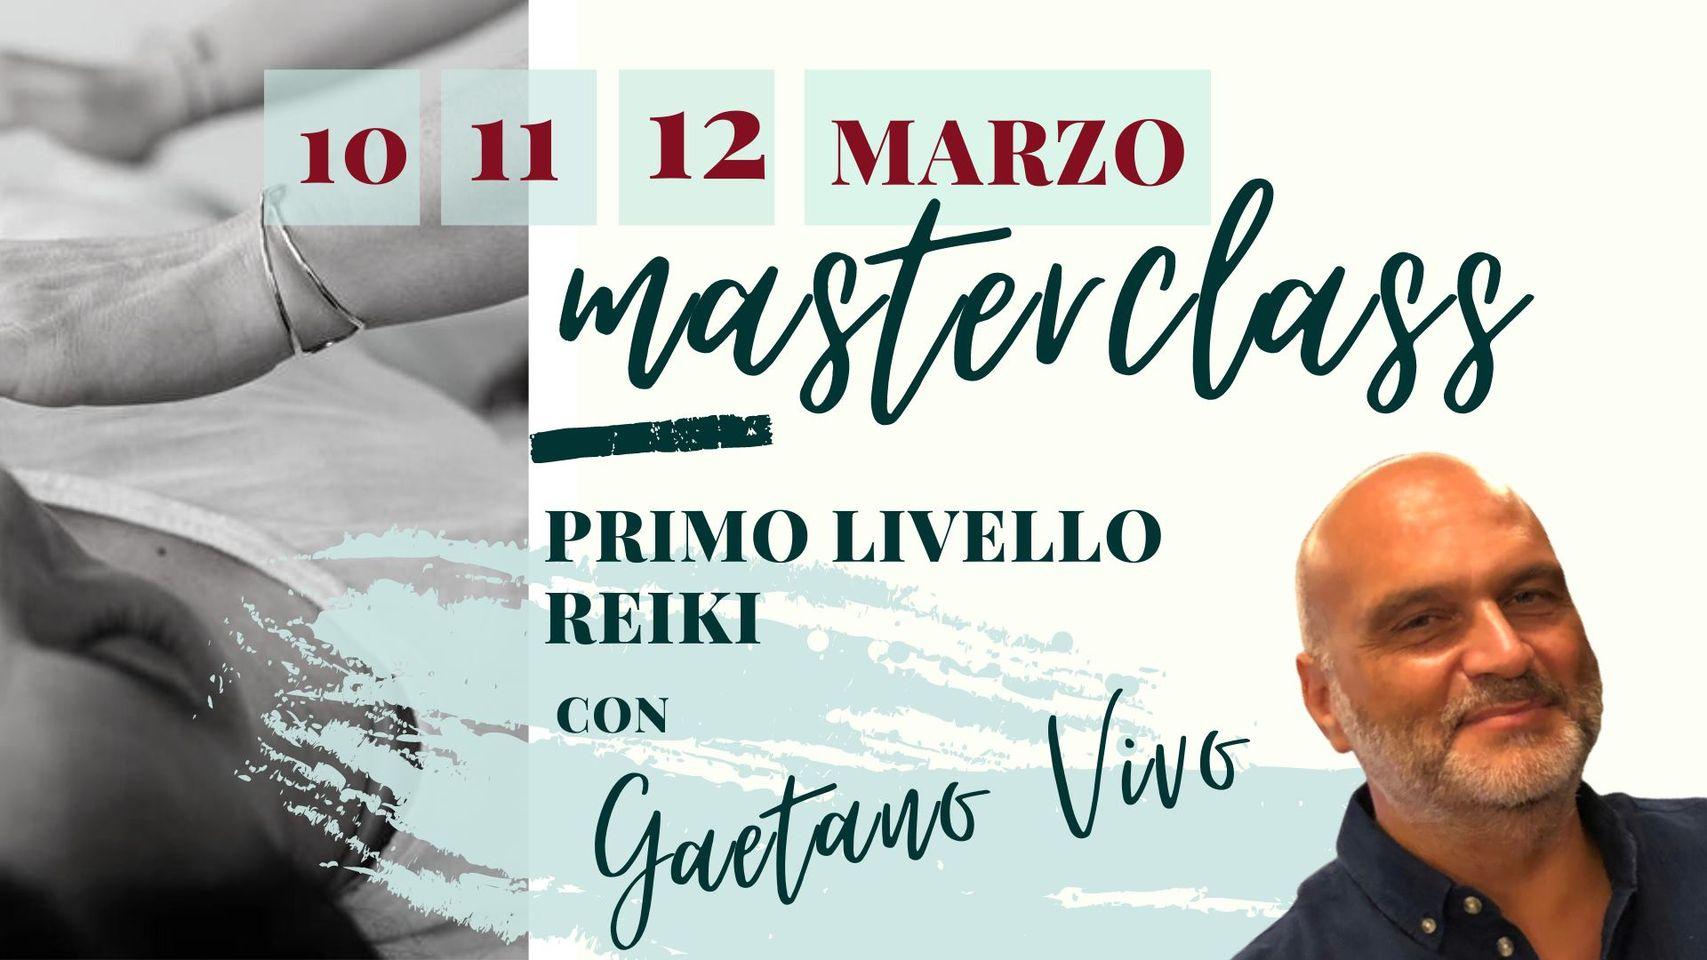 Masterclass primo livelo Reiki 10 12 marzo